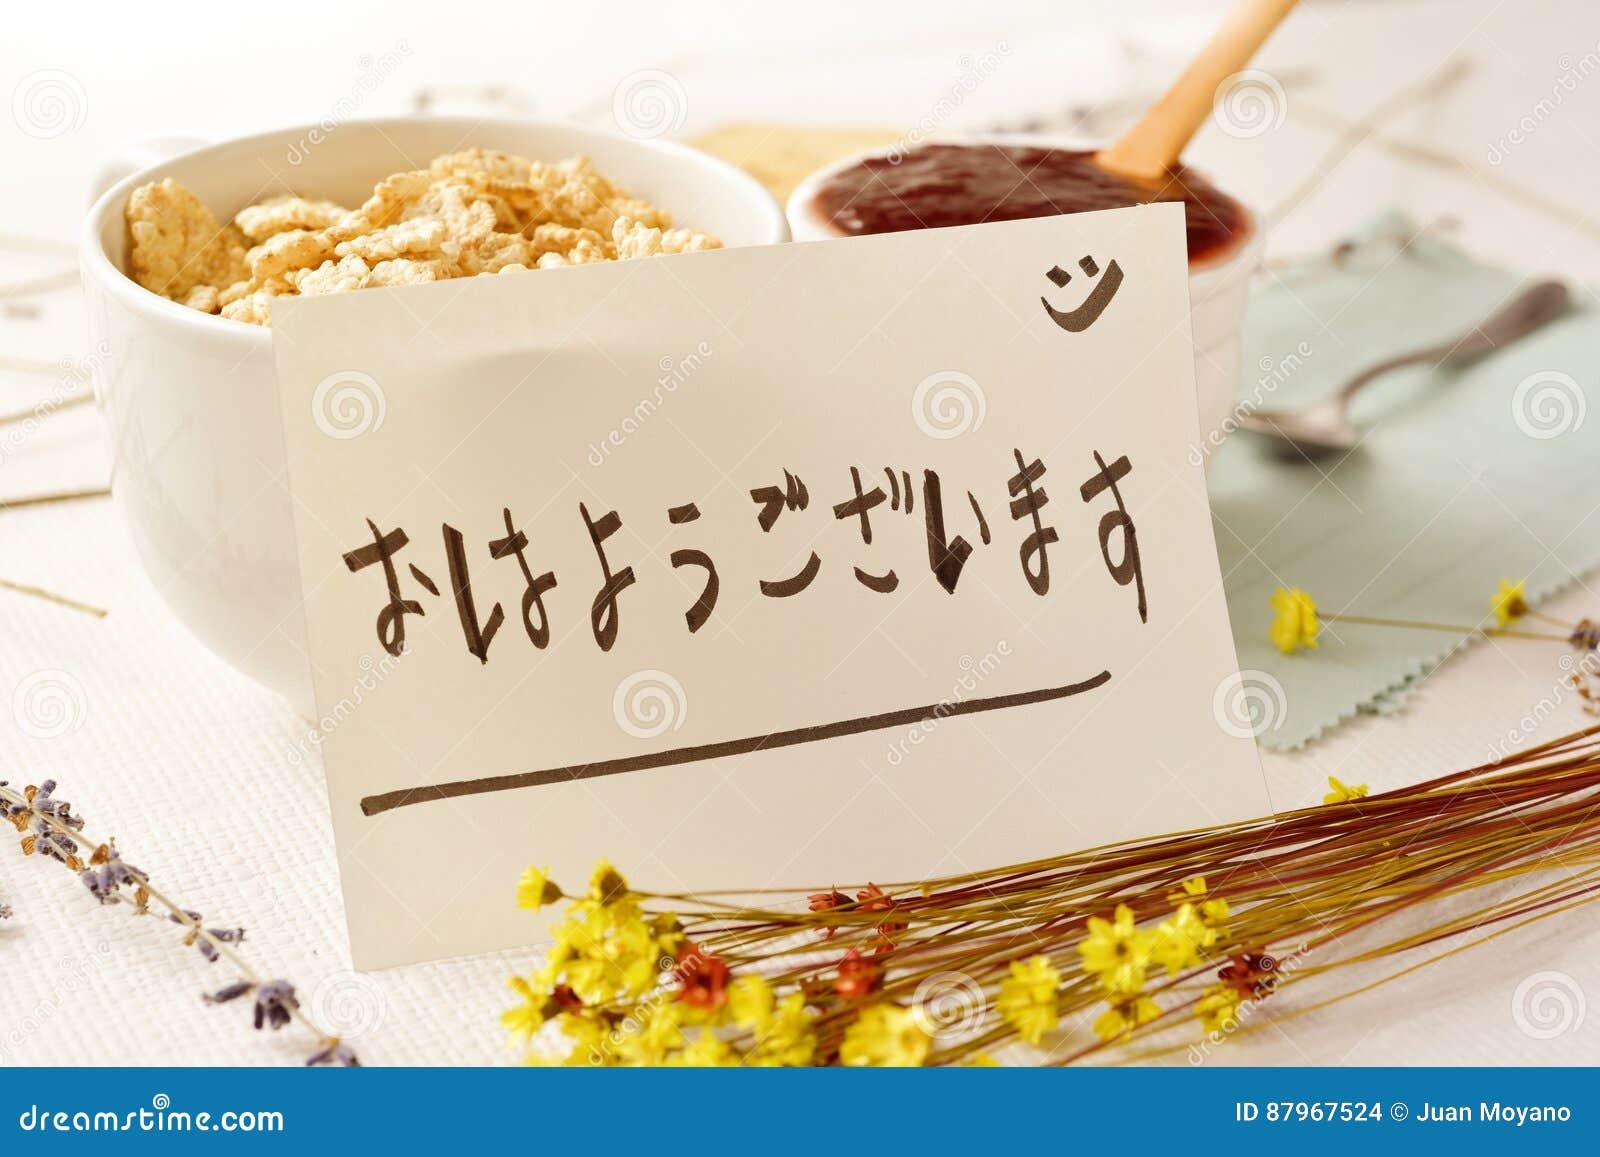 Guter Morgen Des Frühstücks Und Des Textes Auf Japanisch